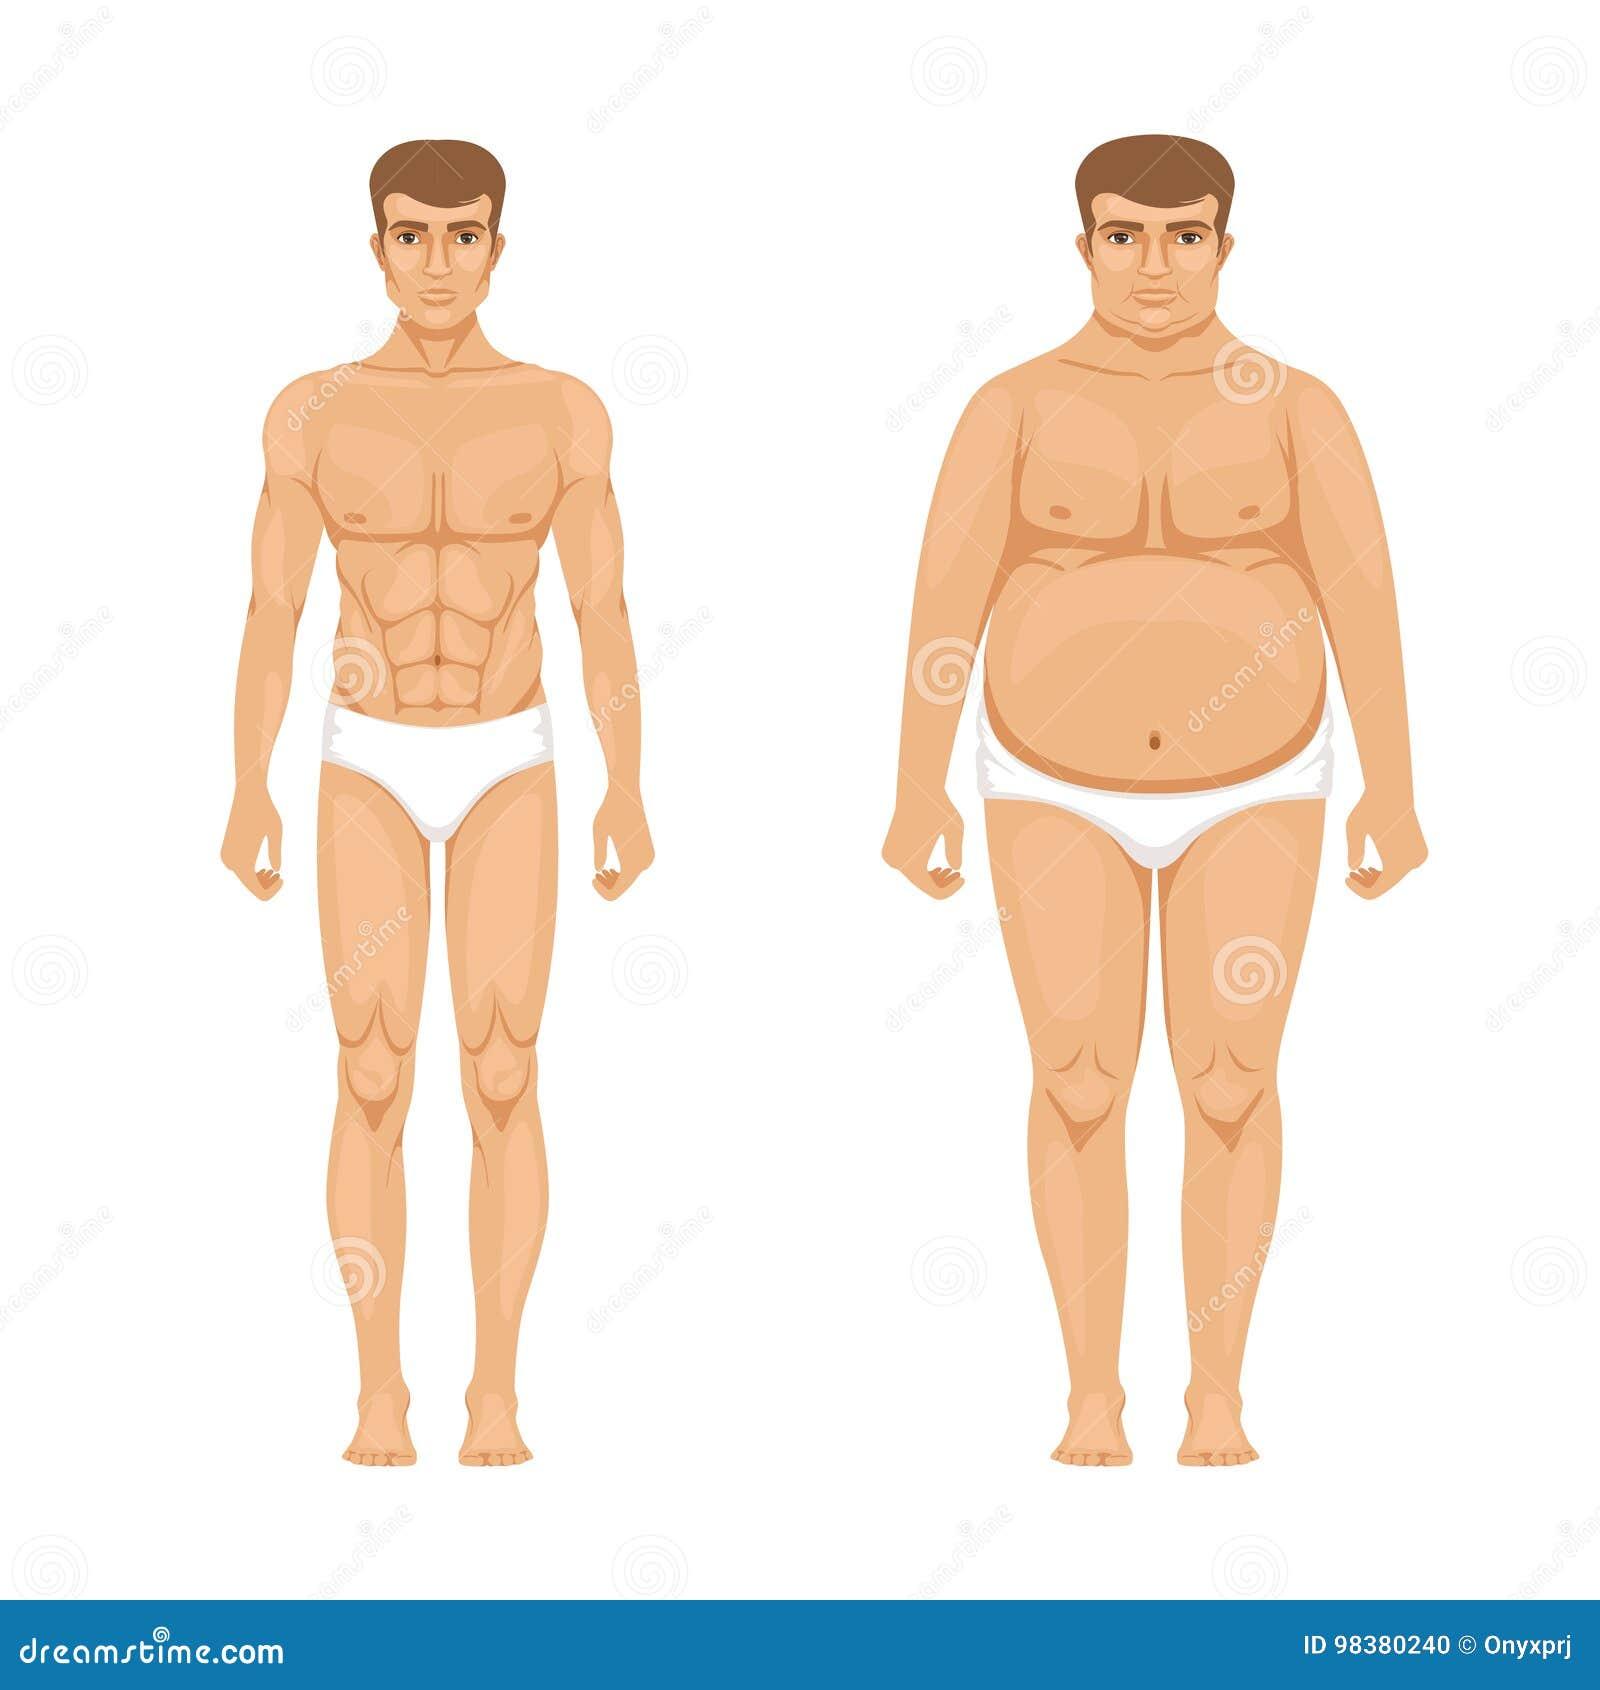 Visualizacao Da Perda De Peso Homem Muscular E Gordo Ilustracao